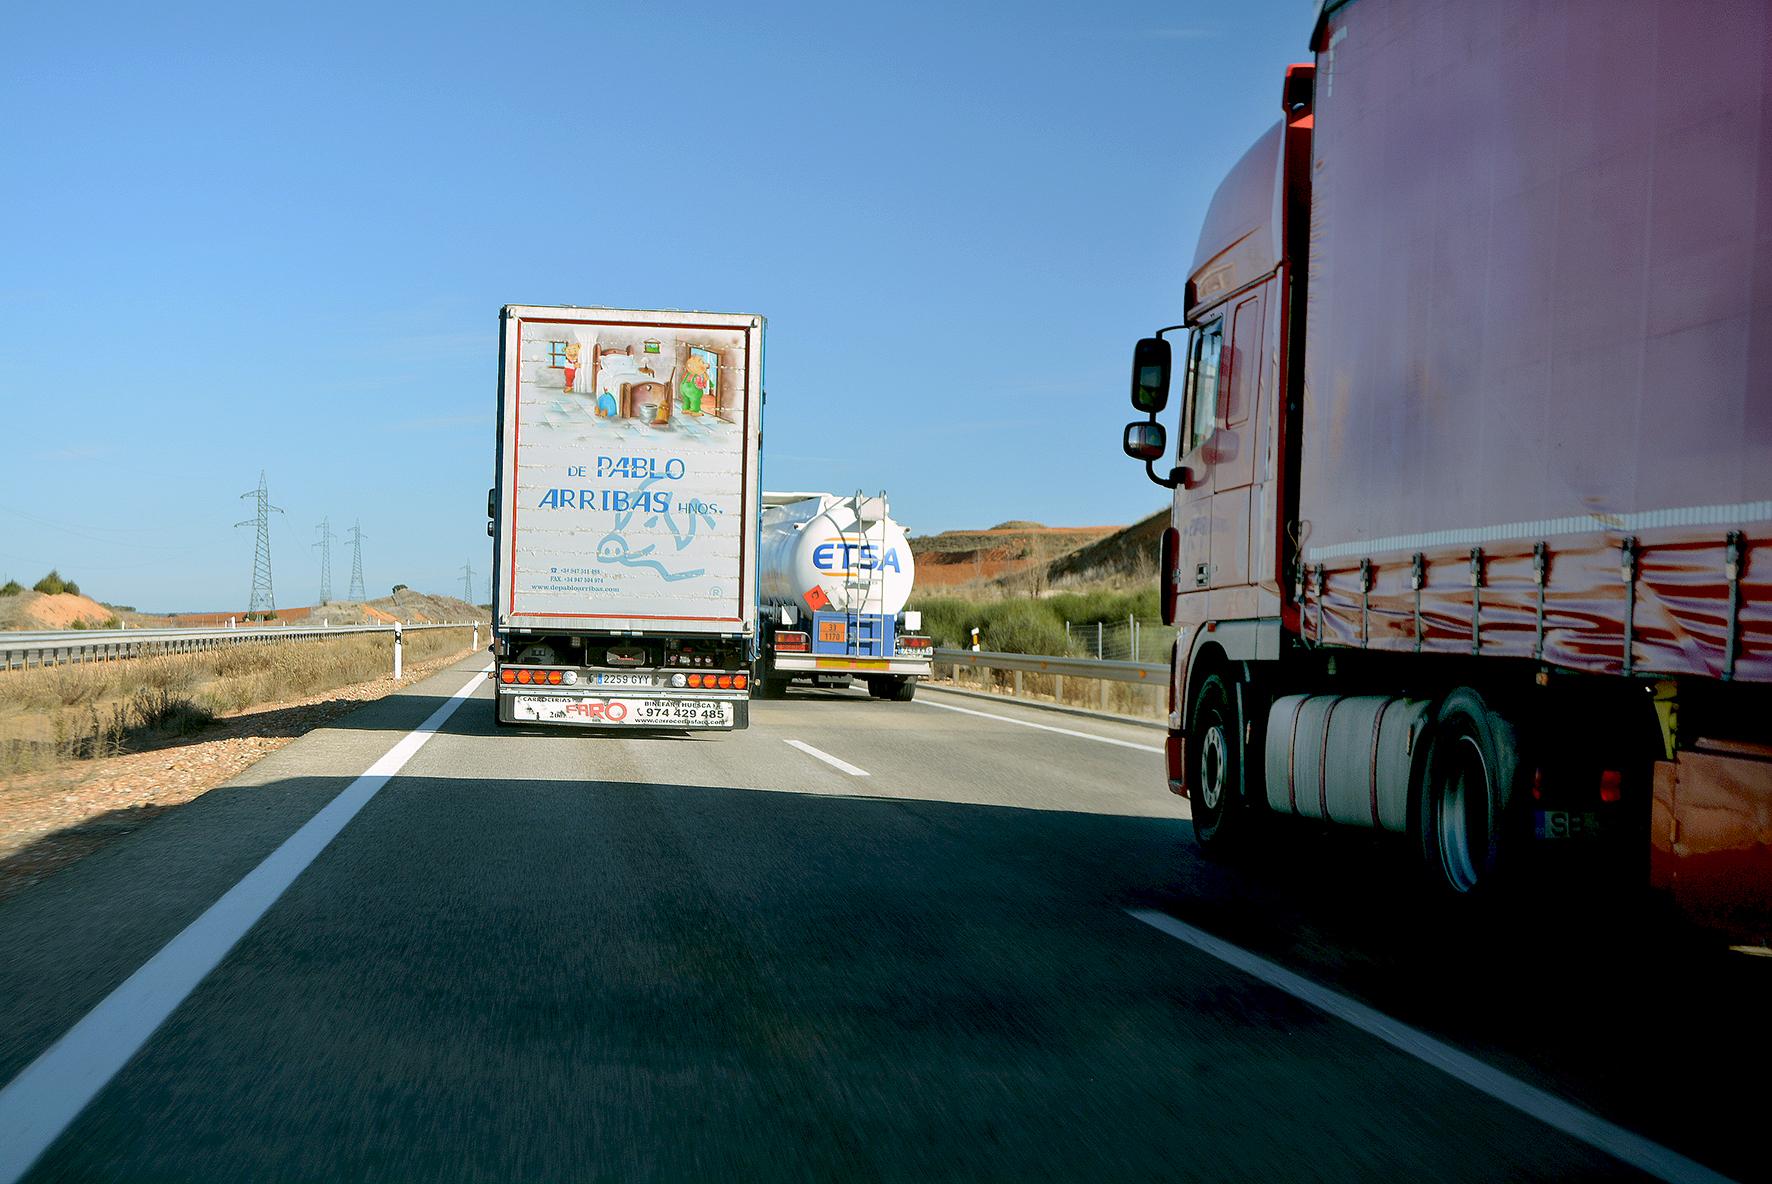 Las prórrogas que fija el Reglamento europeo para la renovación del CAP, carné de conducir, ITV, revisiones del tacógrafo, tarjetas de tacógrafo... son más ventajosas para los transportistas que las fijadas en diferentes ordenes nacionales a lo largo del estado de alarma.